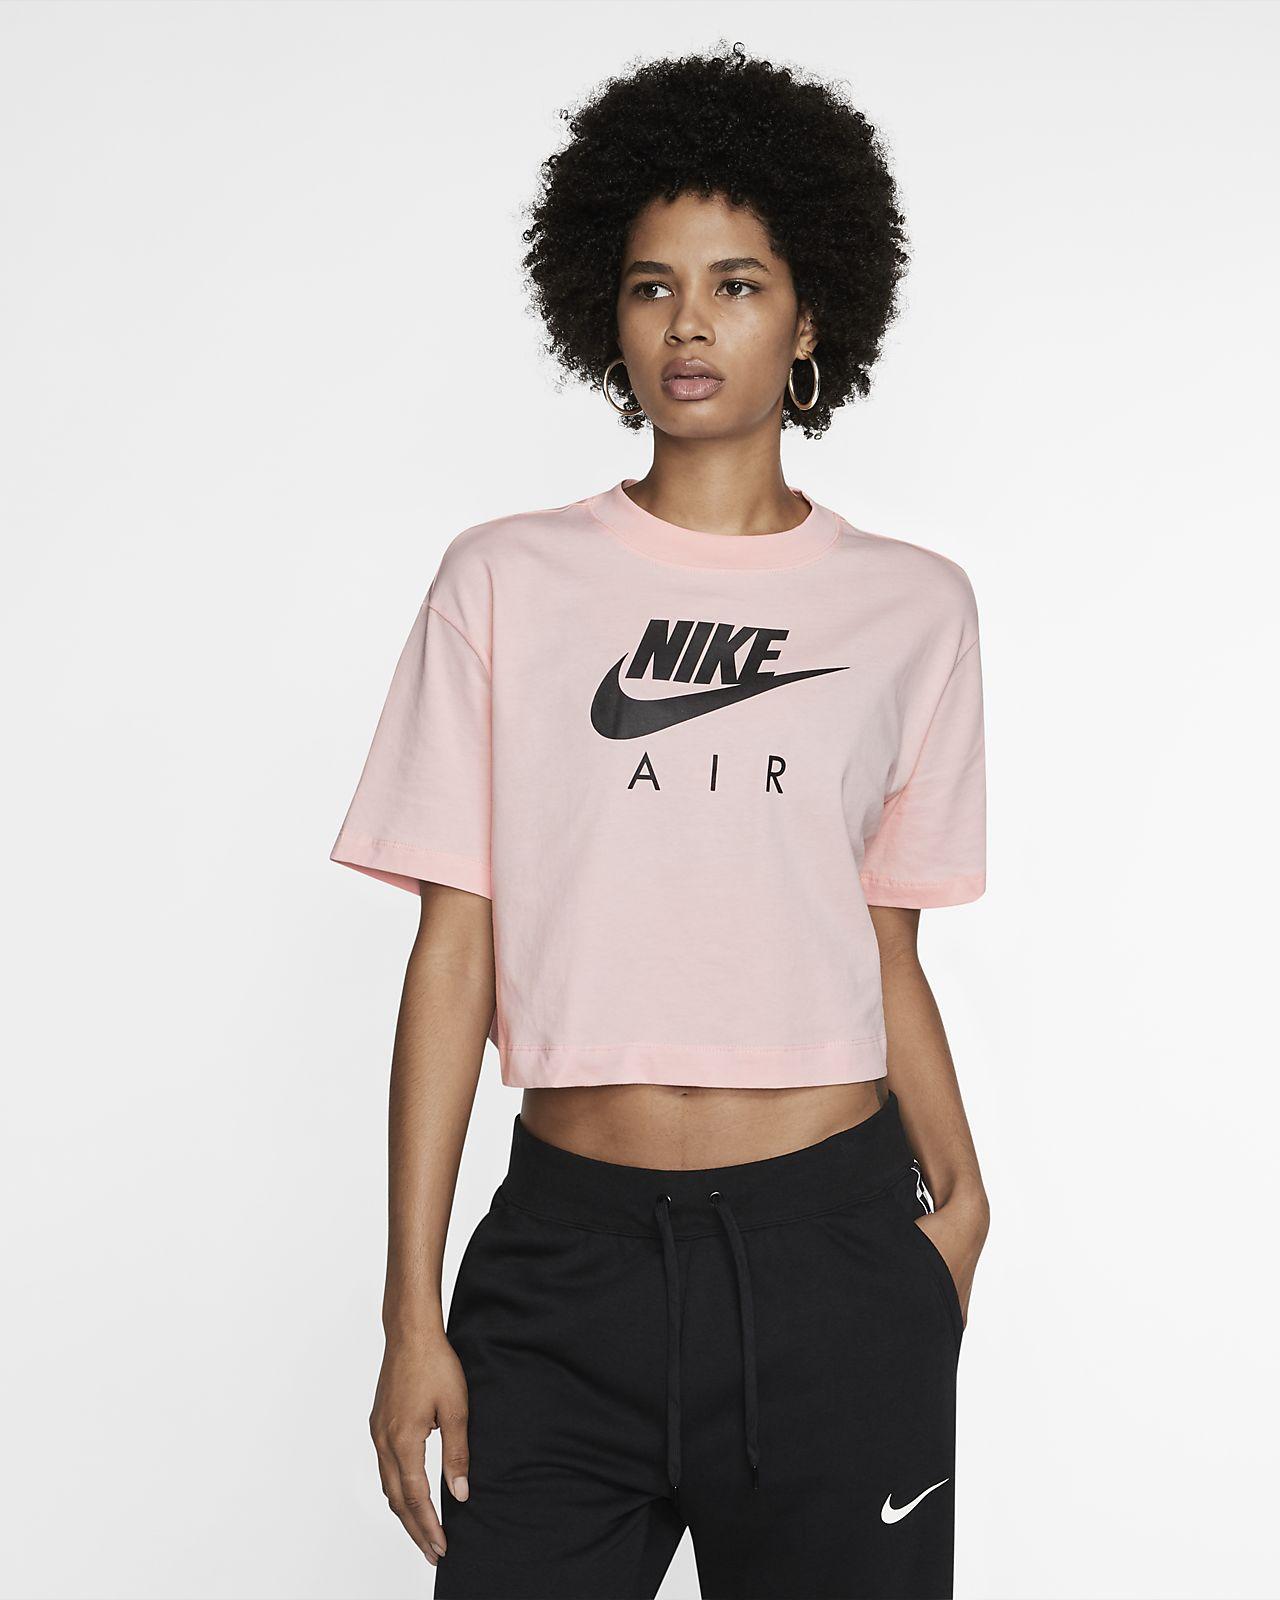 Nike Air 女子短袖上衣